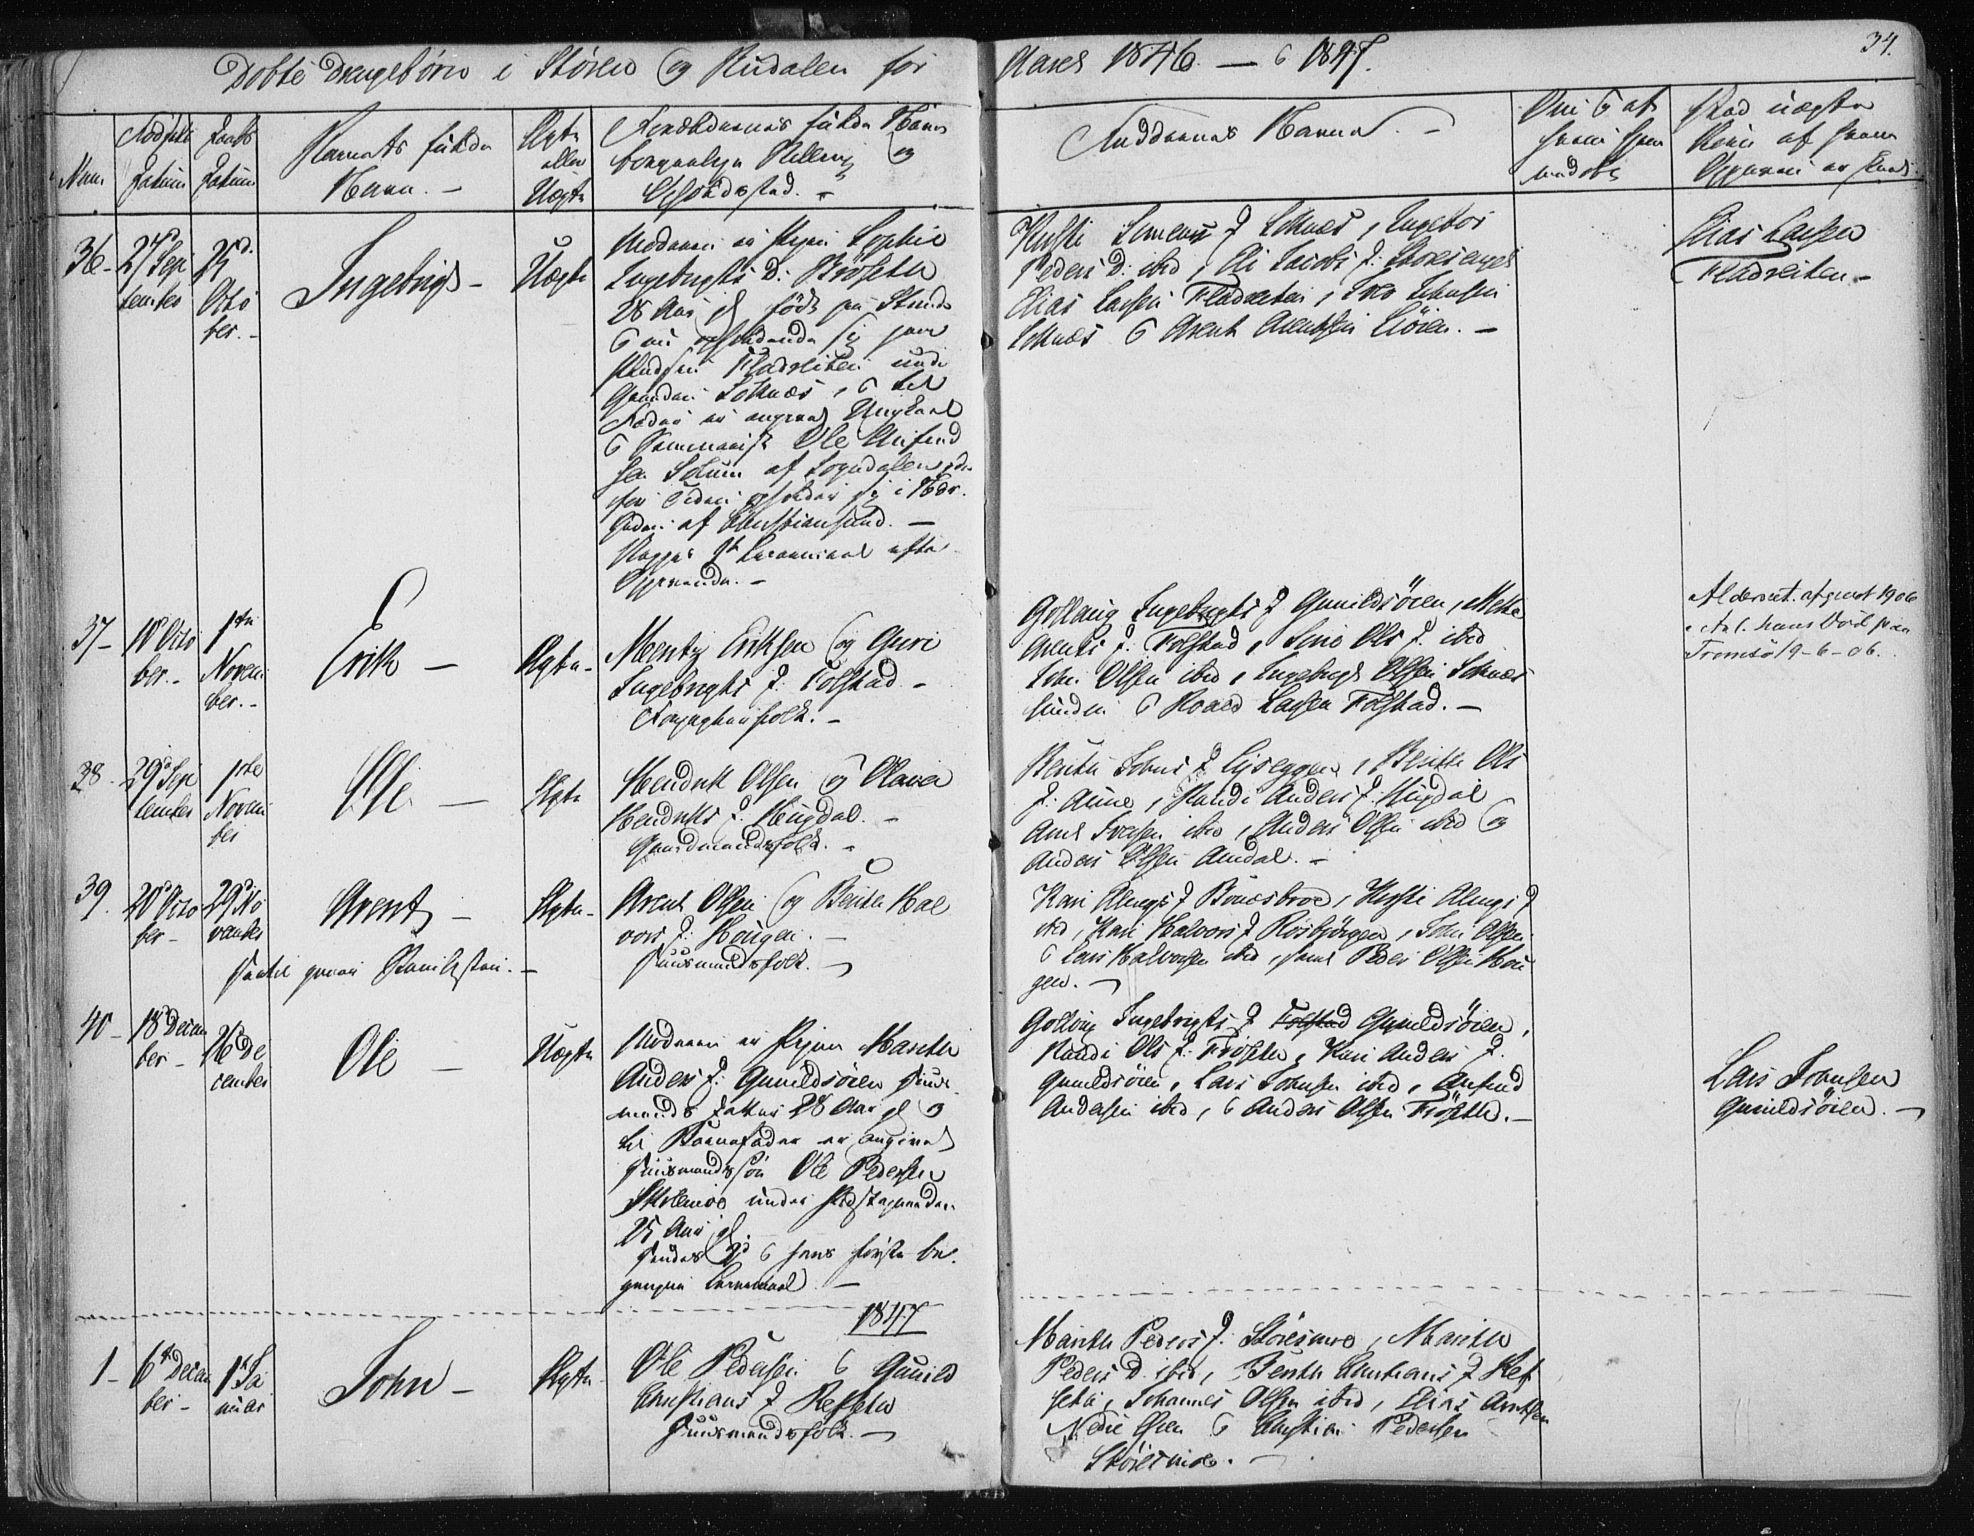 SAT, Ministerialprotokoller, klokkerbøker og fødselsregistre - Sør-Trøndelag, 687/L0997: Ministerialbok nr. 687A05 /1, 1843-1848, s. 34